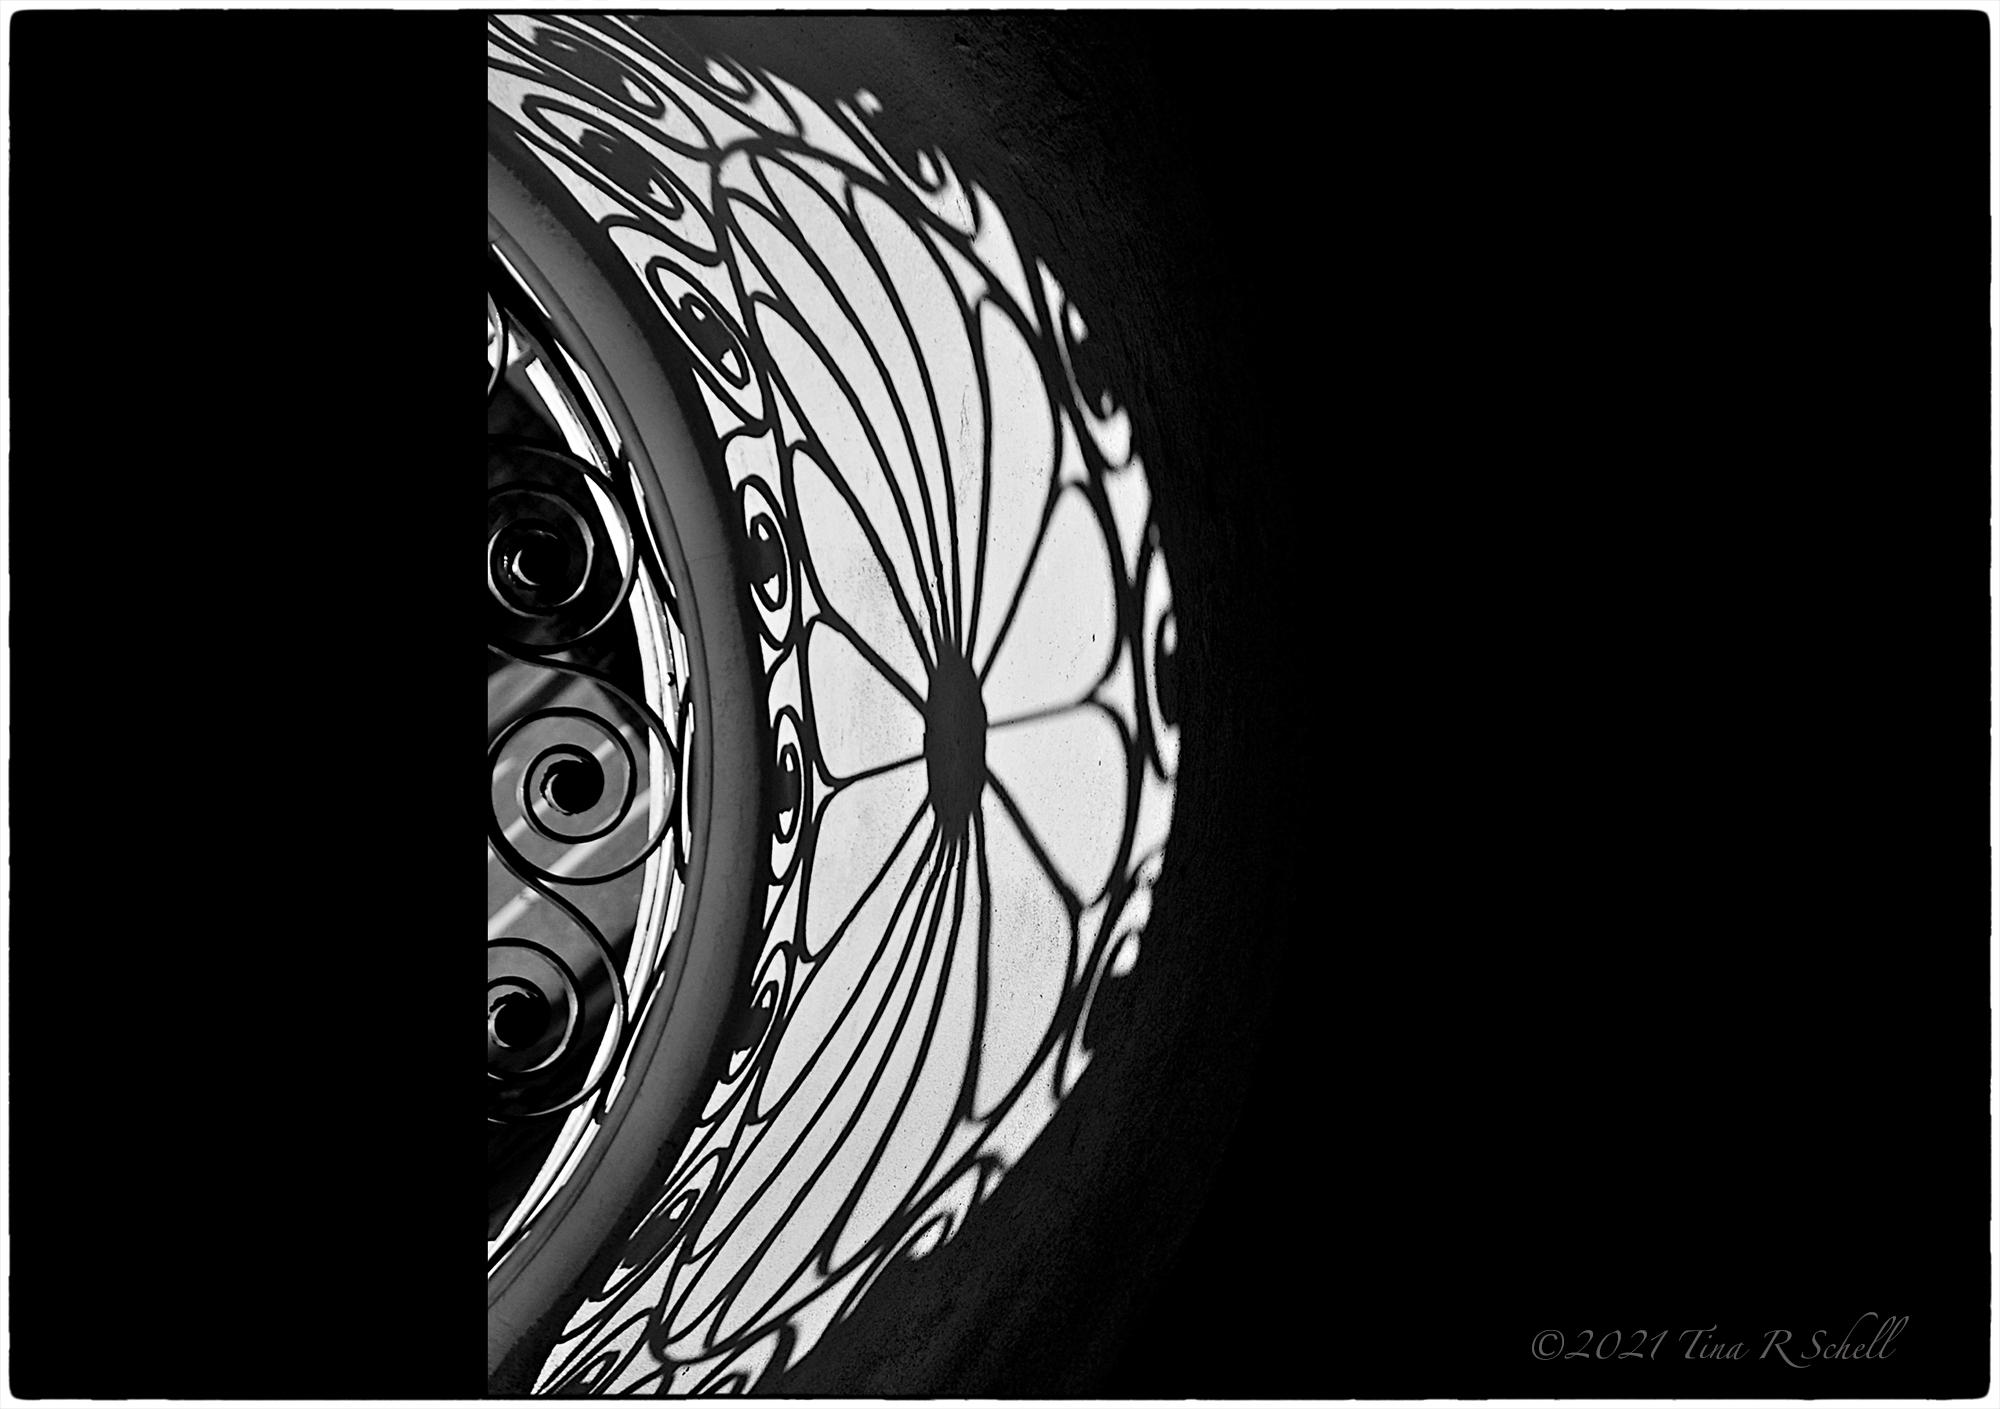 shadow, ironwork, window